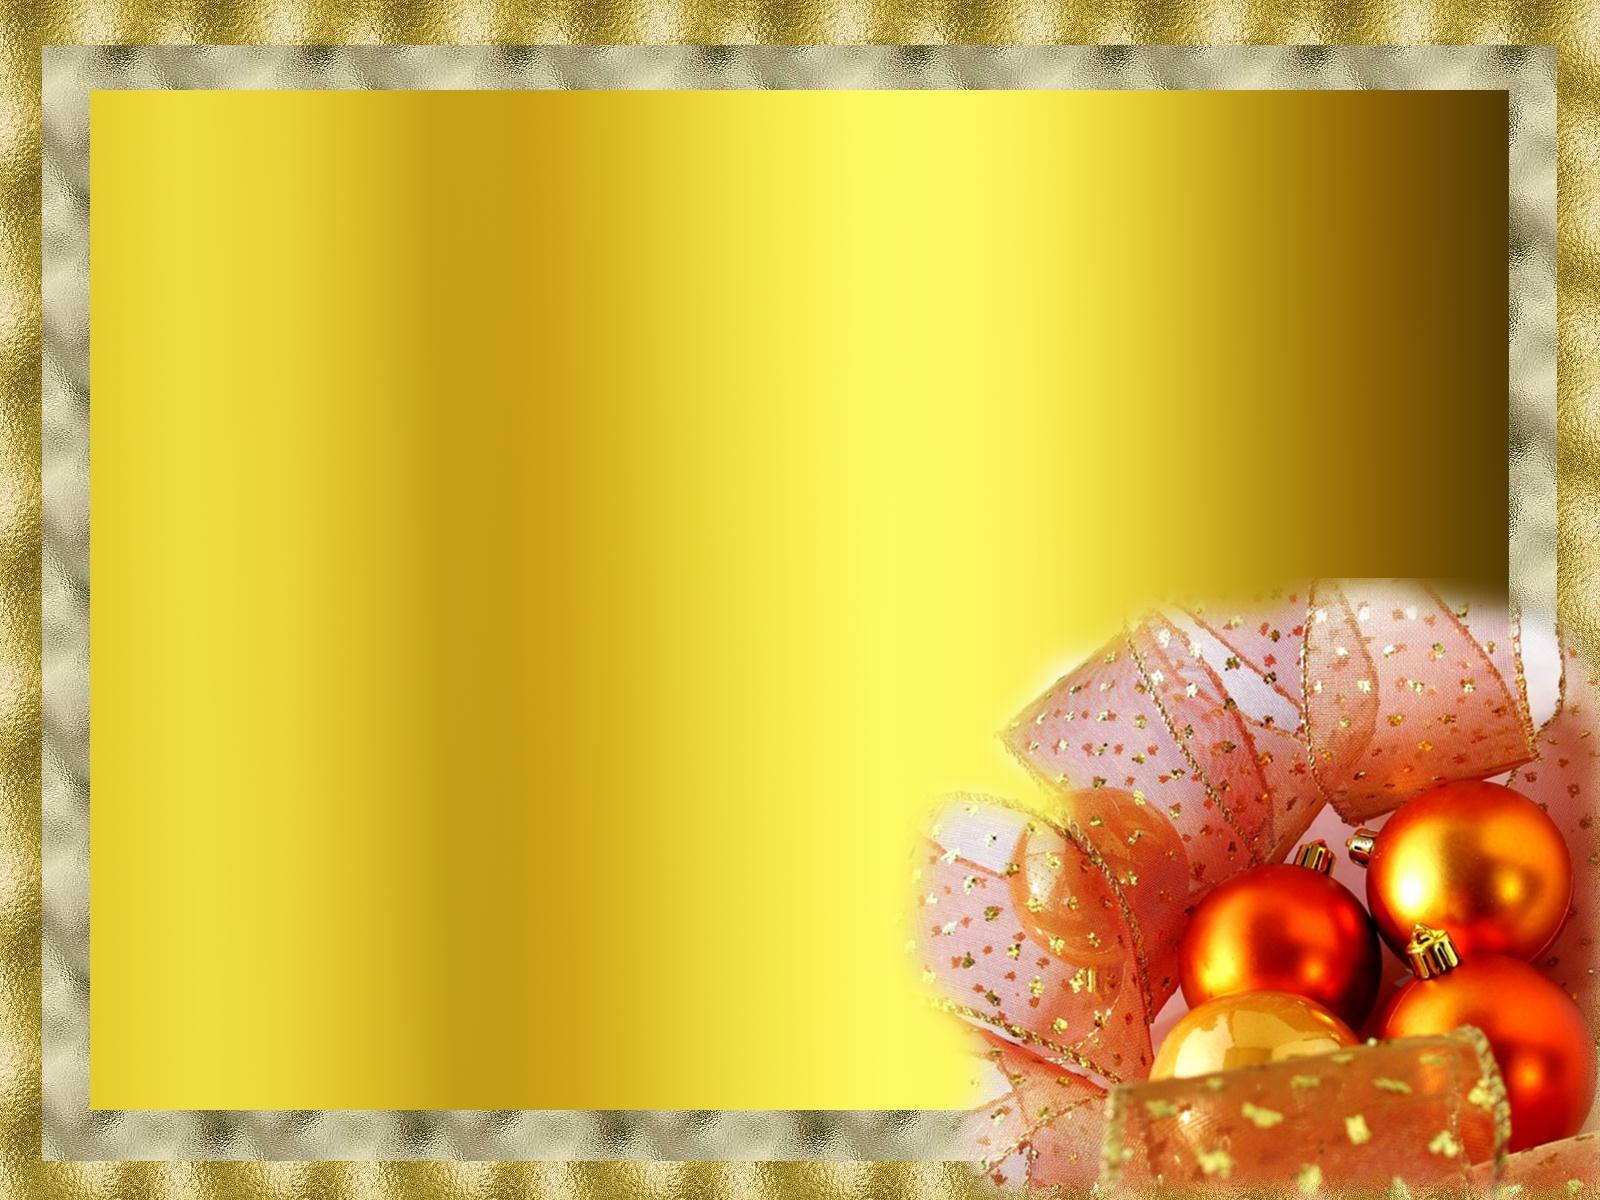 Zoom dise o y fotografia fondos para hacer tus wallpapers - Dibujos para postales navidenas ...